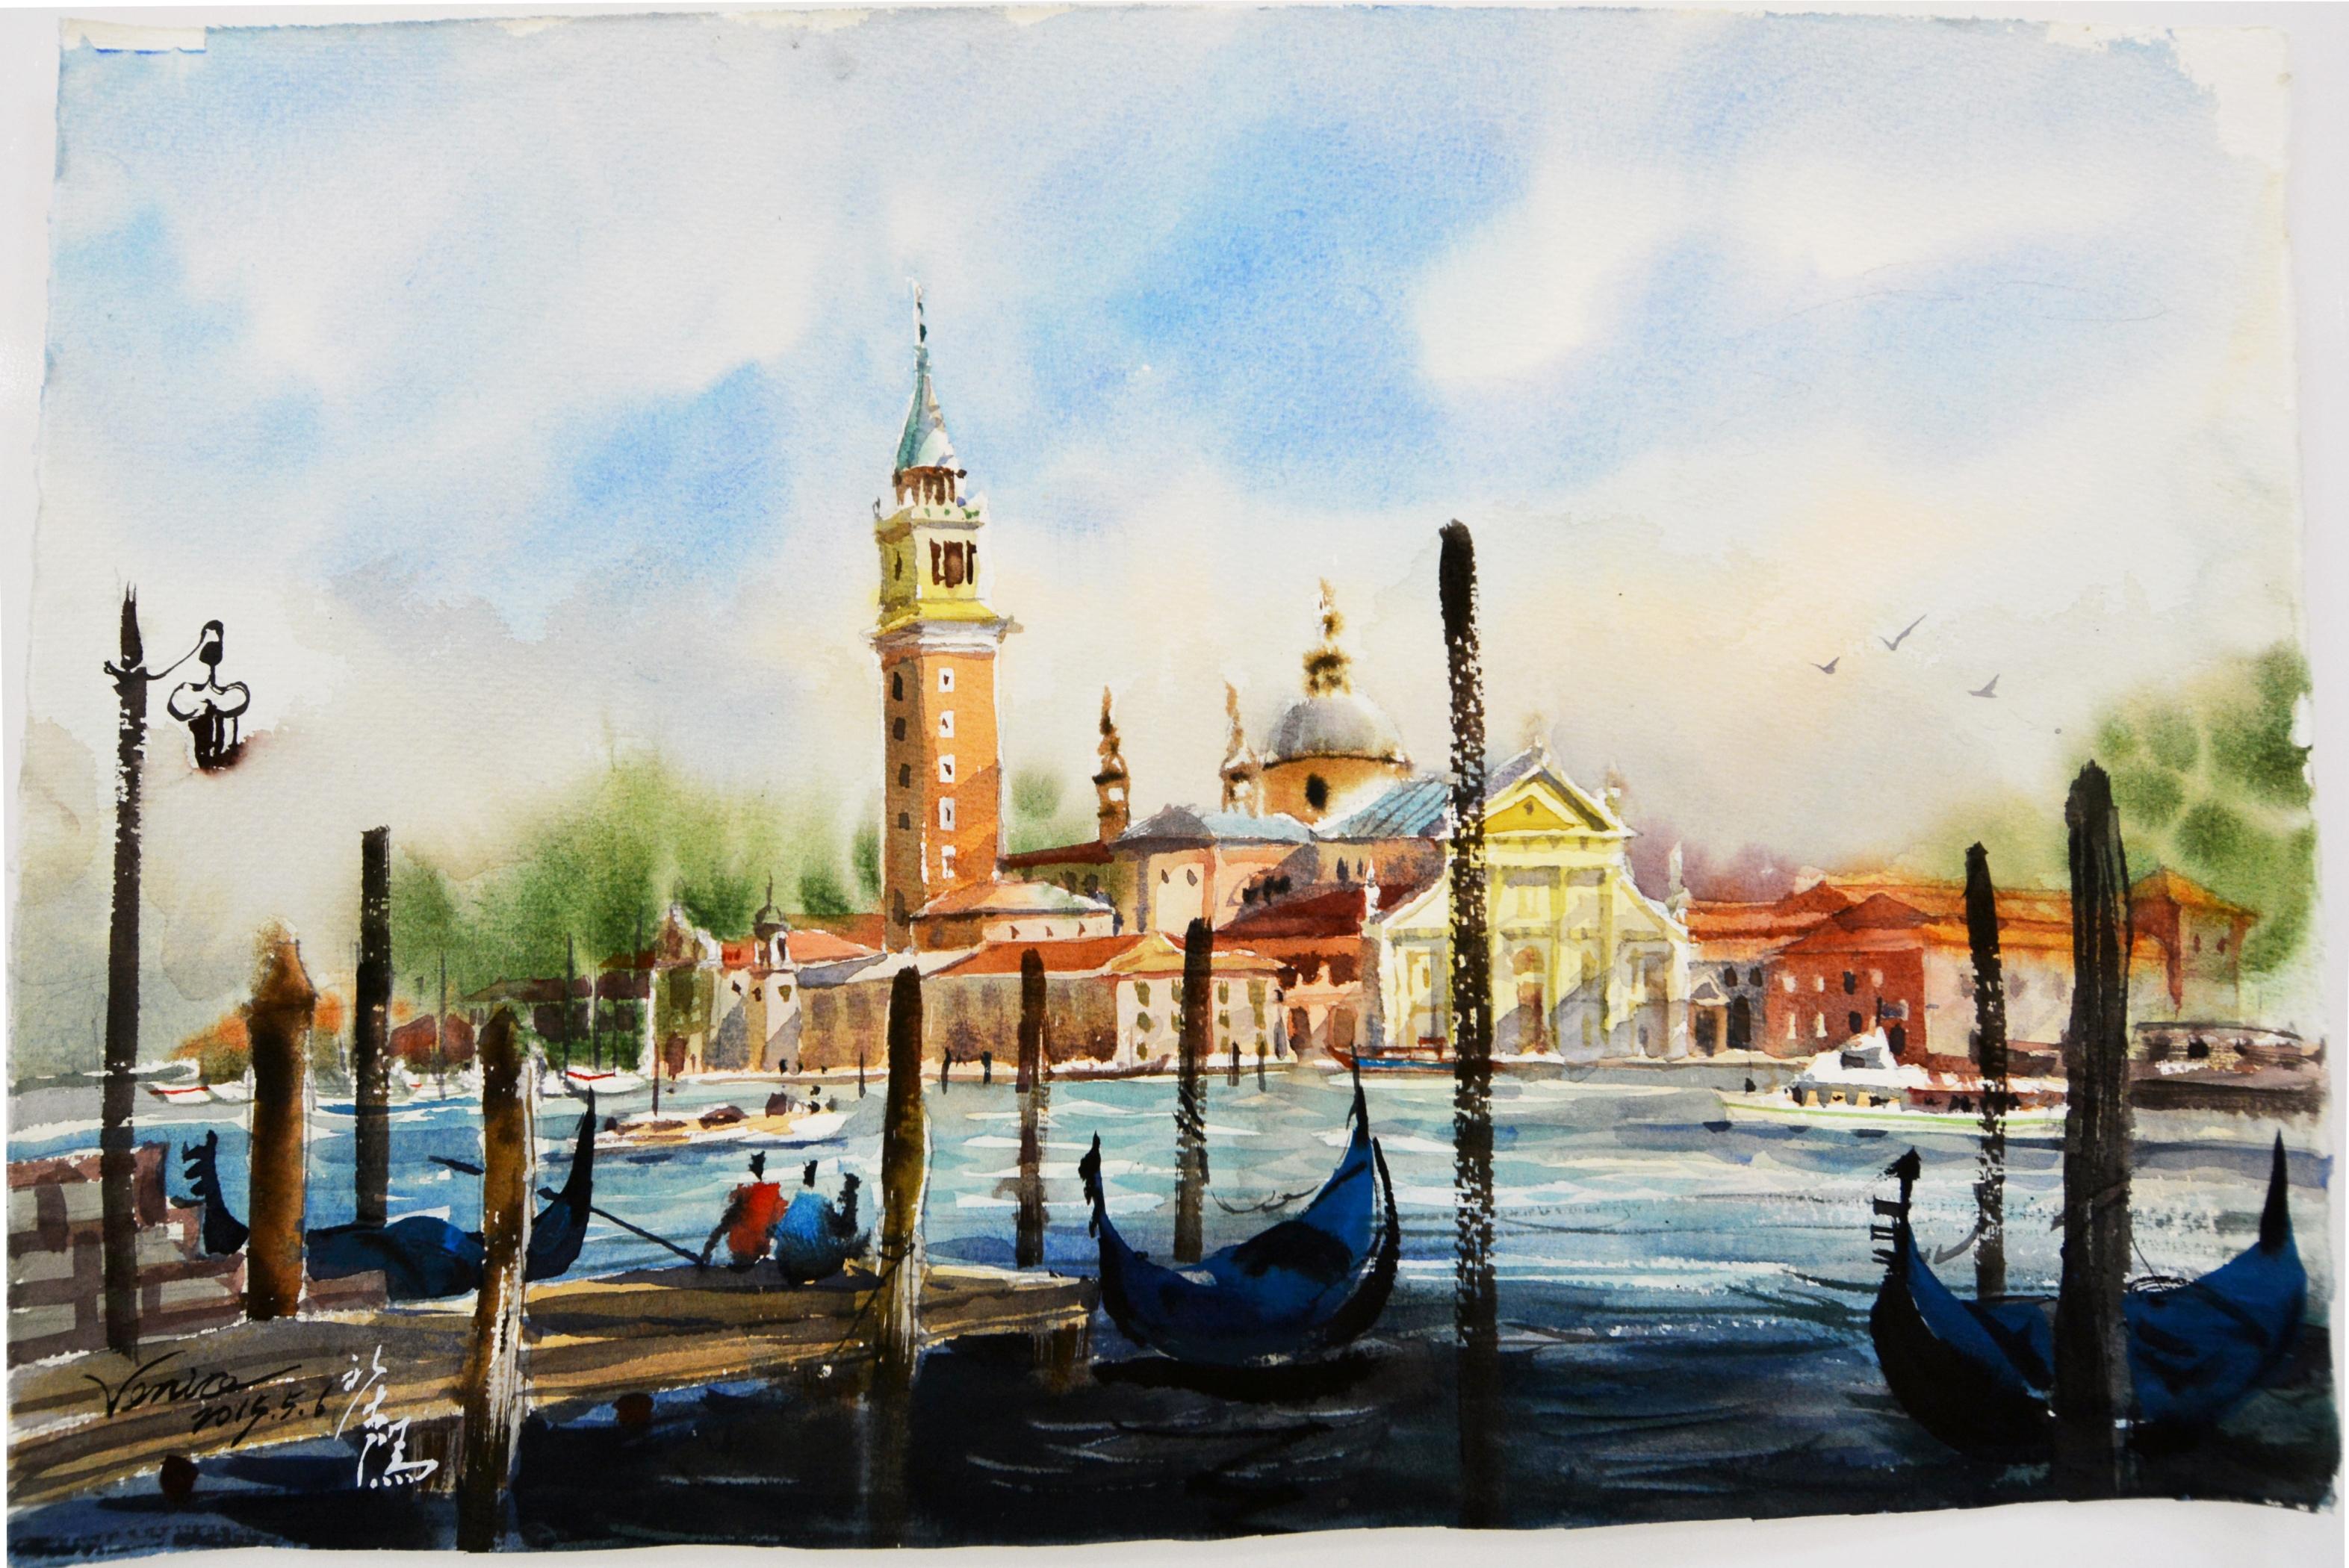 Albergue SCM   Exposição de trabalhos criados na Bienal de Veneza